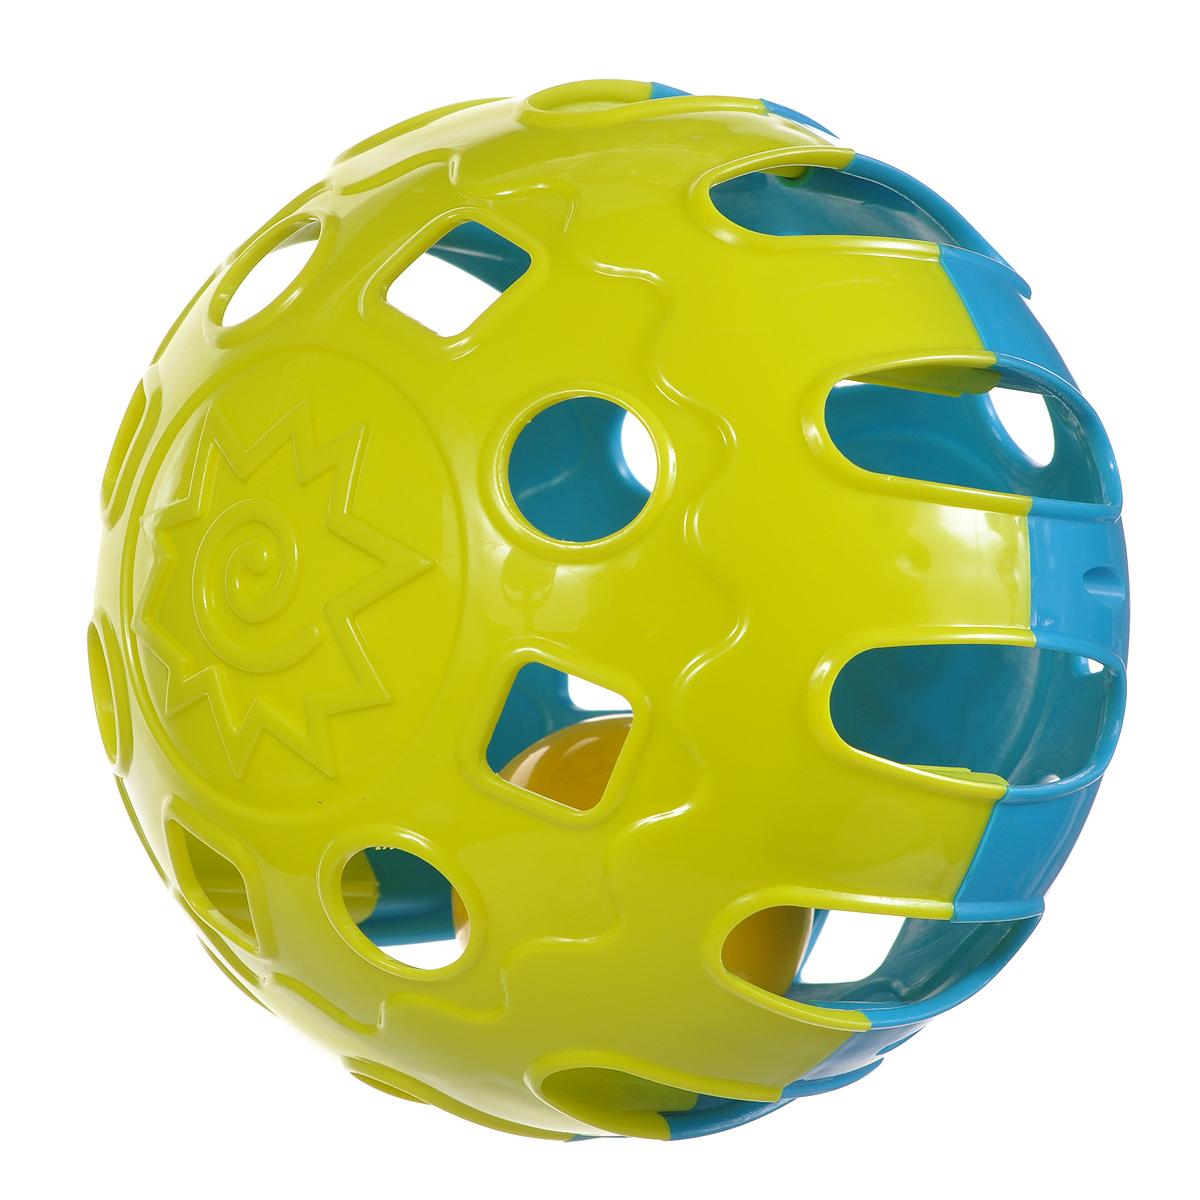 Игрушка-погремушка Happy Baby Шарик Jingle Ball, цвет: синий, желтый, 15 см330062Яркая игрушка-погремушка Happy Baby Шарик Jingle Ball привлечет внимание вашего малыша и не позволит ему скучать. Игрушка выполнена в виде рельефного шара лимонного и синего цветов, внутри которого расположен маленький шарик, гремящий при тряске. На шаре имеются отверстия в виде геометрических фигур. Игра с погремушкой поможет малышу развить цветовосприятие и звуковосприятие, восприятие формы и размера, мелкую моторику рук, первые навыки ползанья и концентрацию внимания.